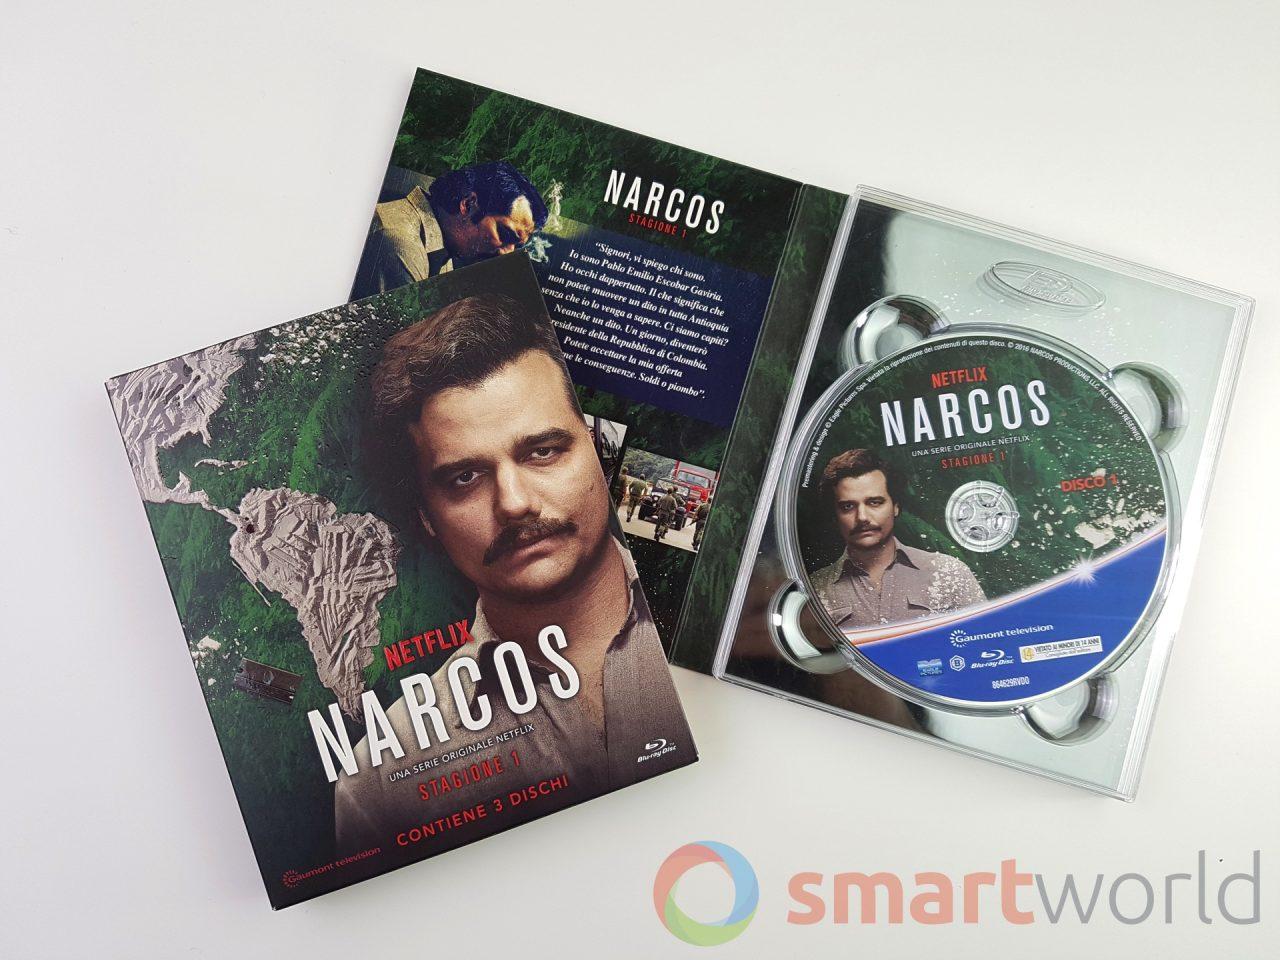 Narcos Stagione 1 Blu-ray: la serie TV Netflix in formato fisico, con qualche gradito extra! (recensione)